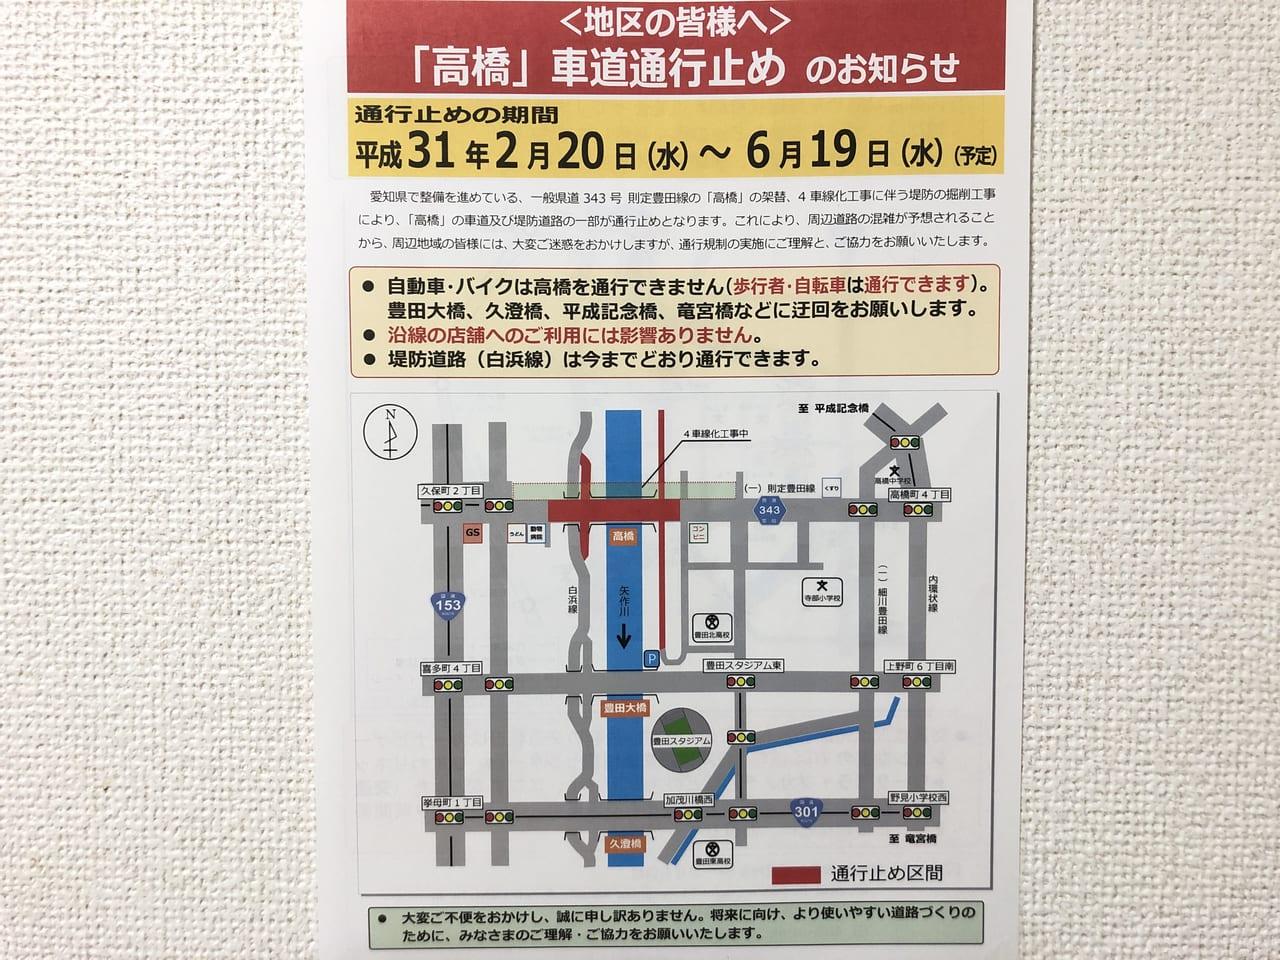 平成31年2月20日~6月19日高橋通行止め